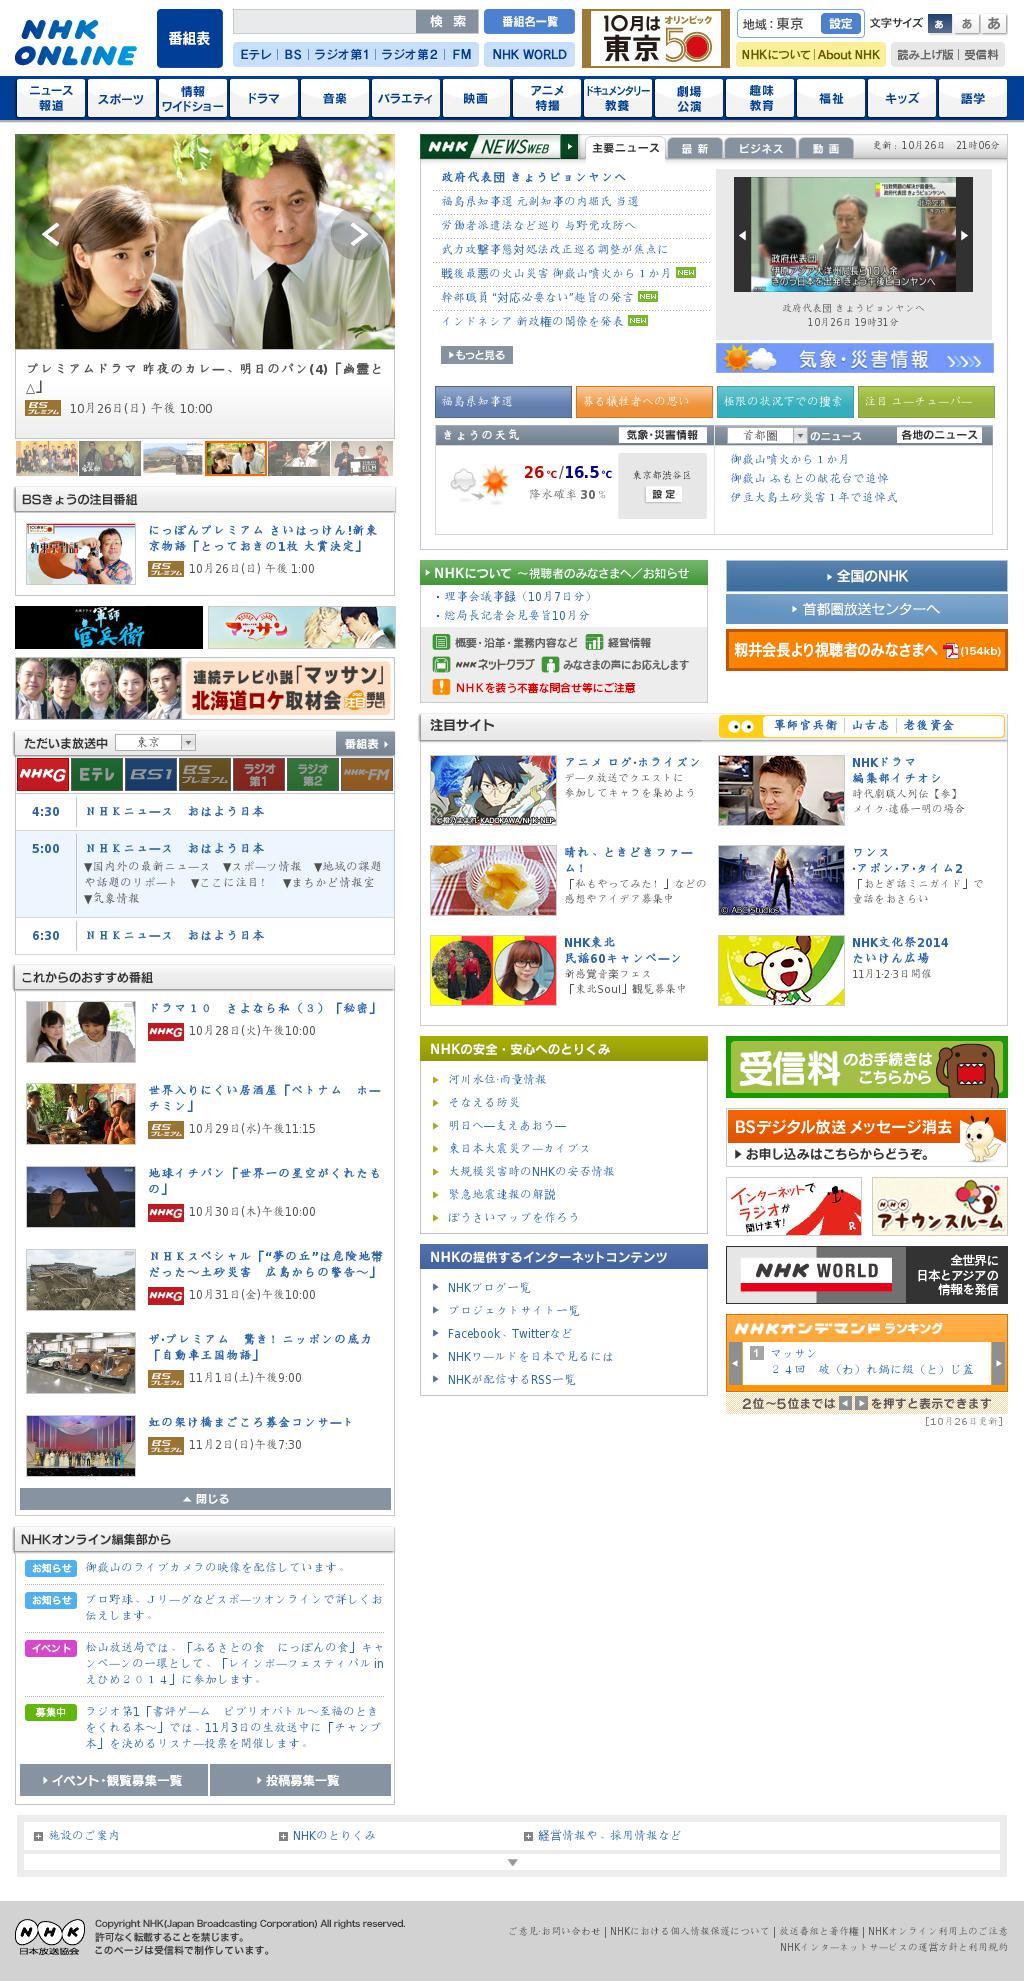 NHK Online at Sunday Oct. 26, 2014, 9:12 p.m. UTC